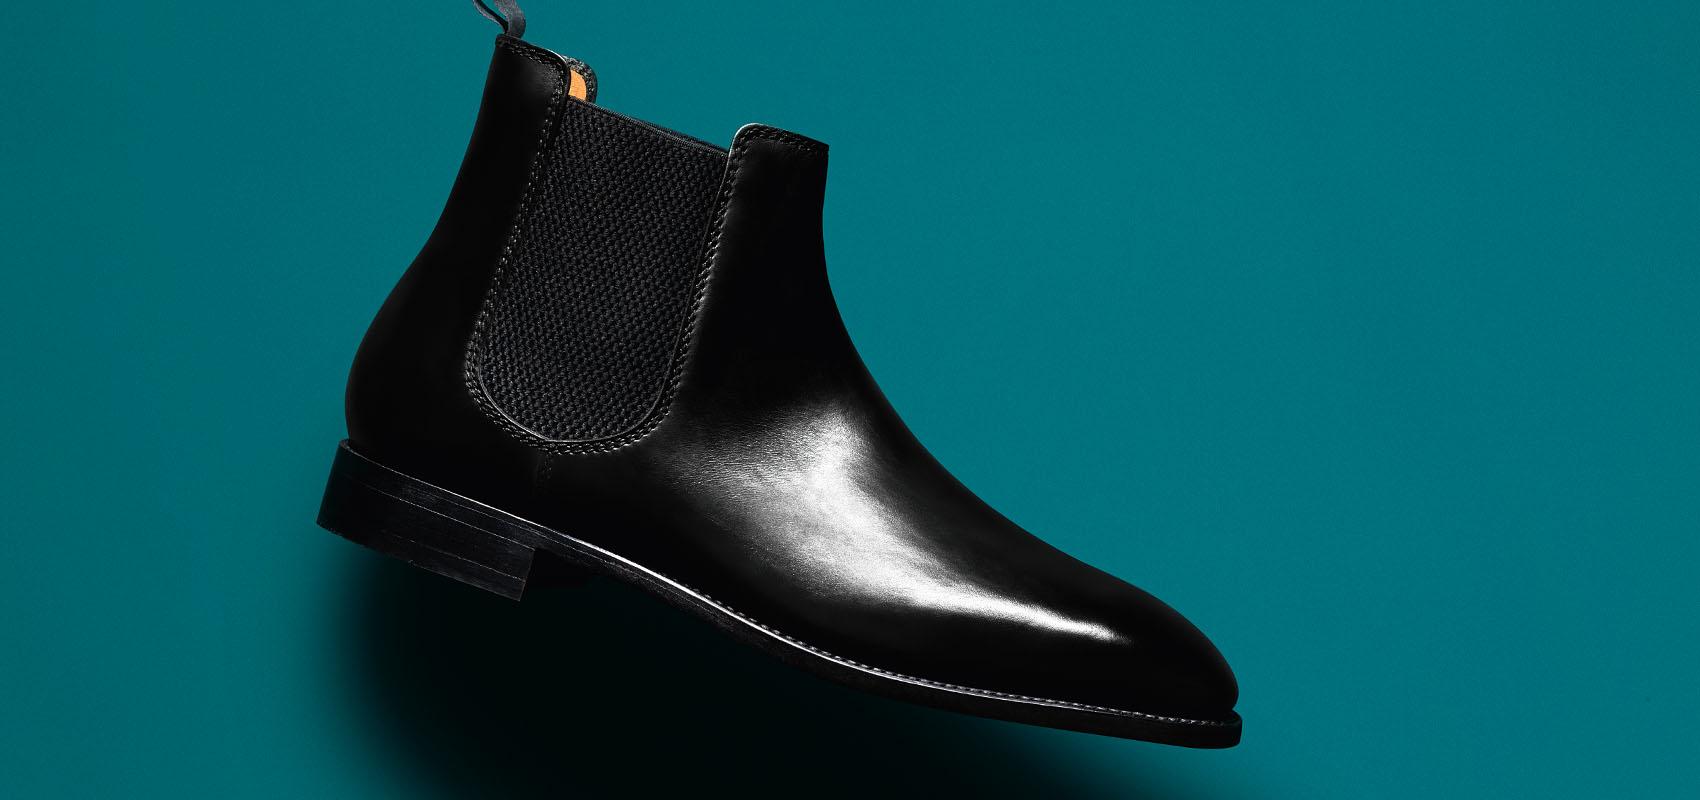 Charles Tyrwhitt Men's shoes